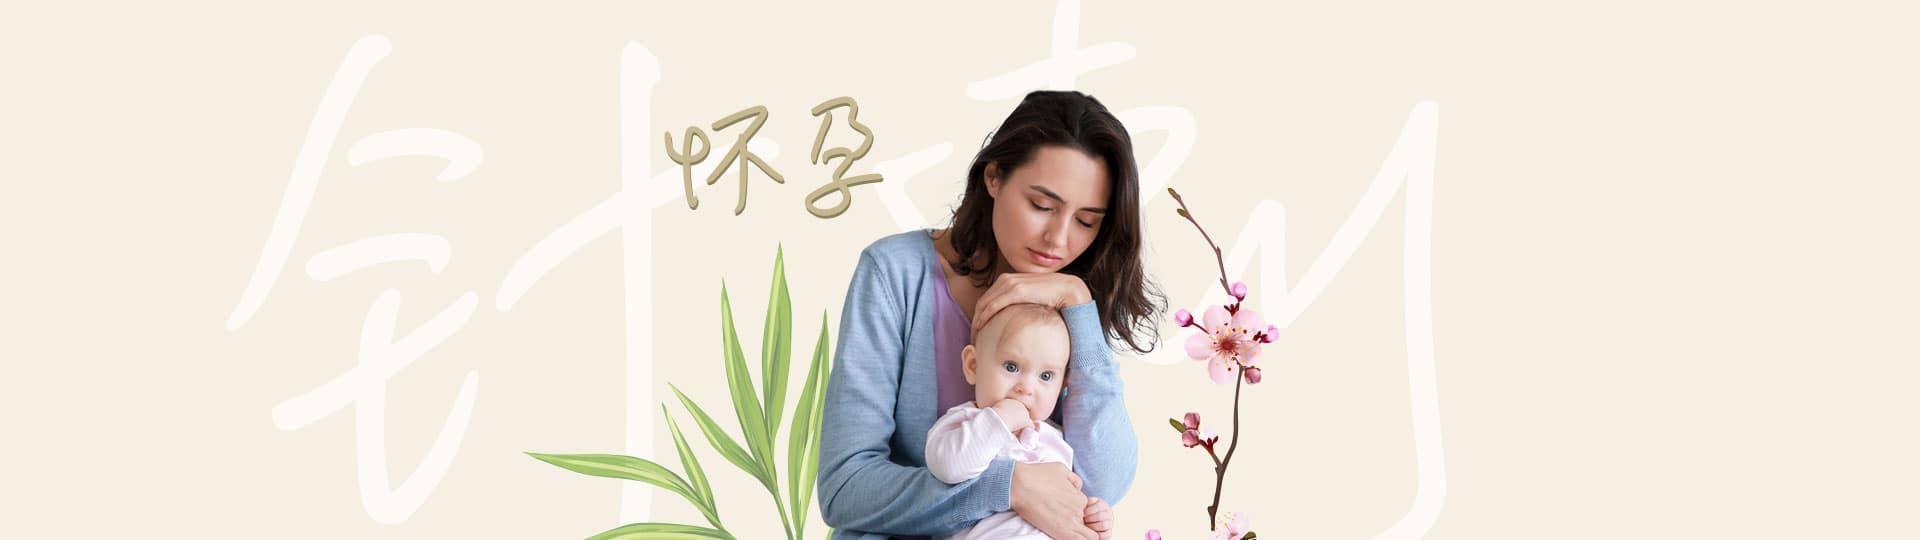 דיכאון לאחר לידה טיפול דיקור סיני